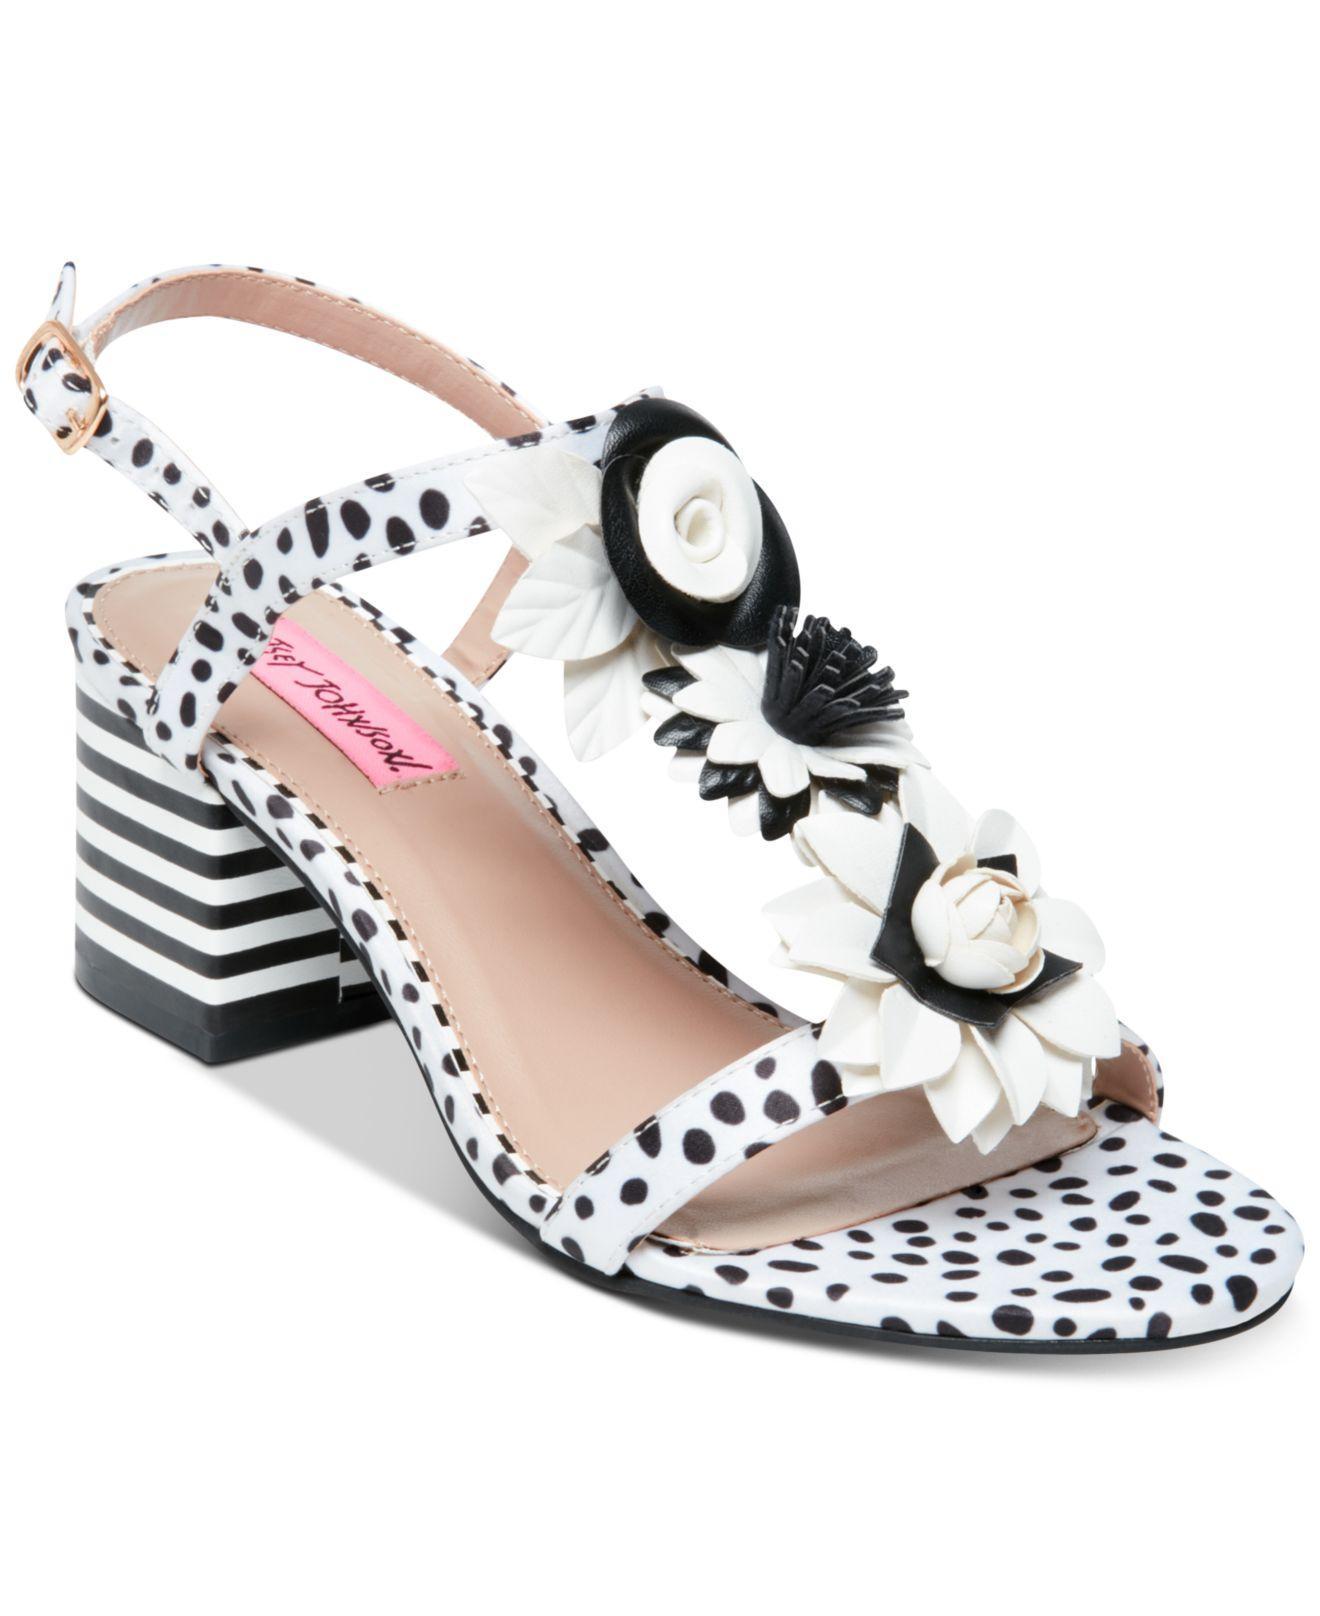 1ec181e987a Lyst - Katy Perry Betsey Johnson Adde Dress Sandals